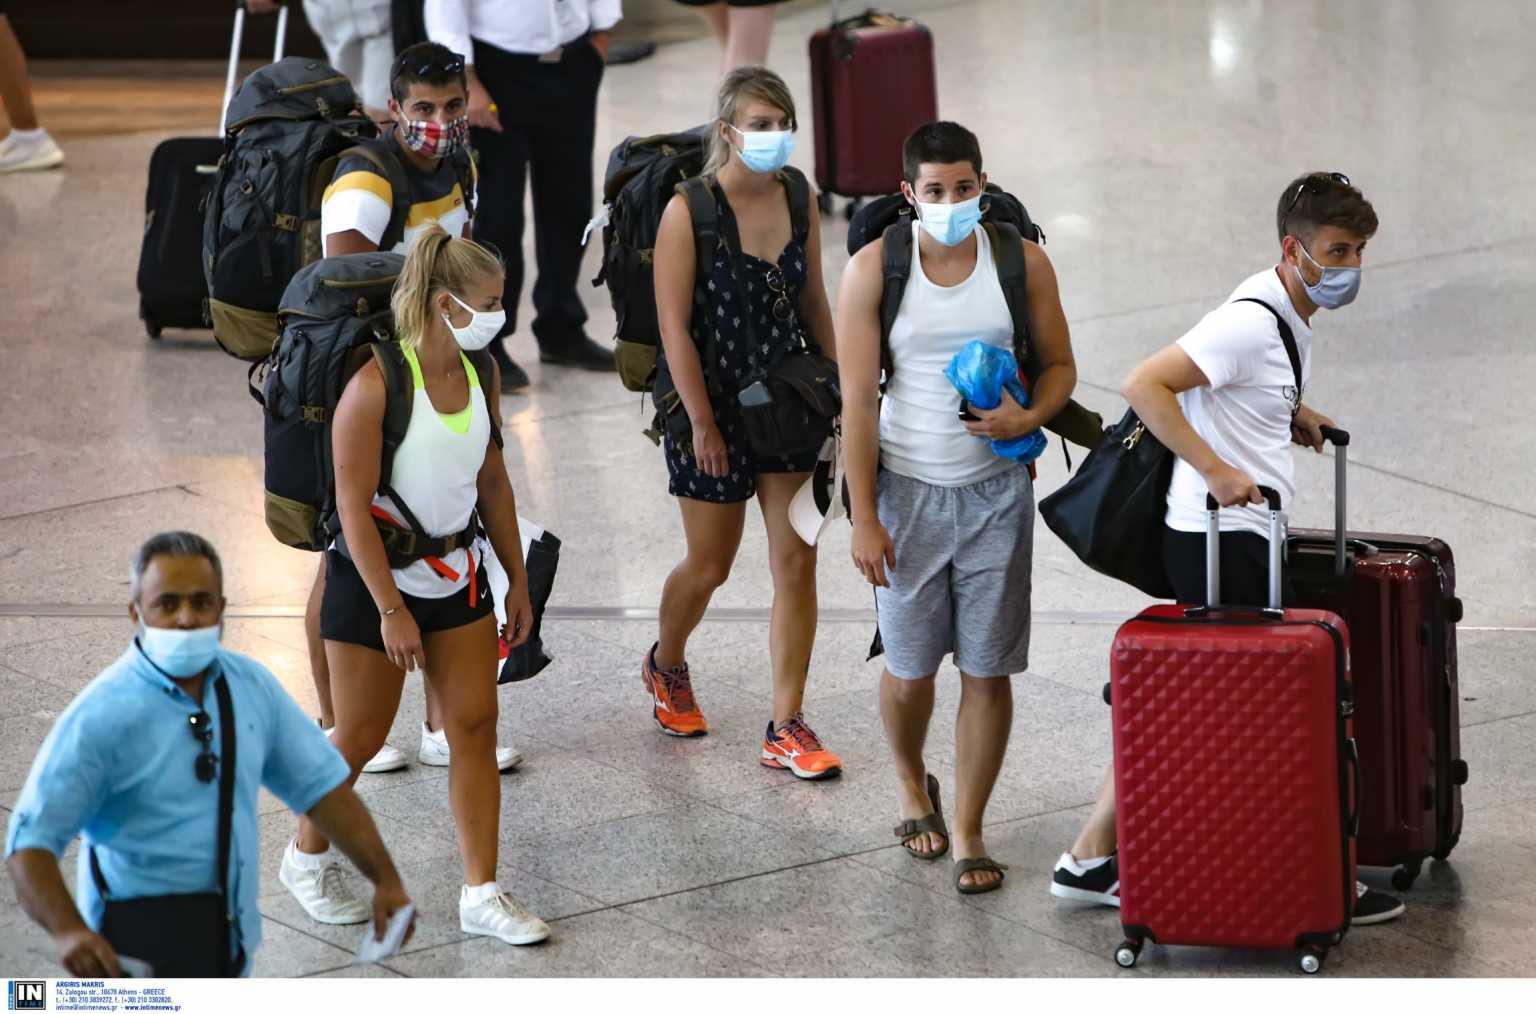 Κορονοϊός: Διακοπές στην Ελλάδα χωρίς καραντίνα – Για ποιες χώρες και σε ποια αεροδρόμια (video)